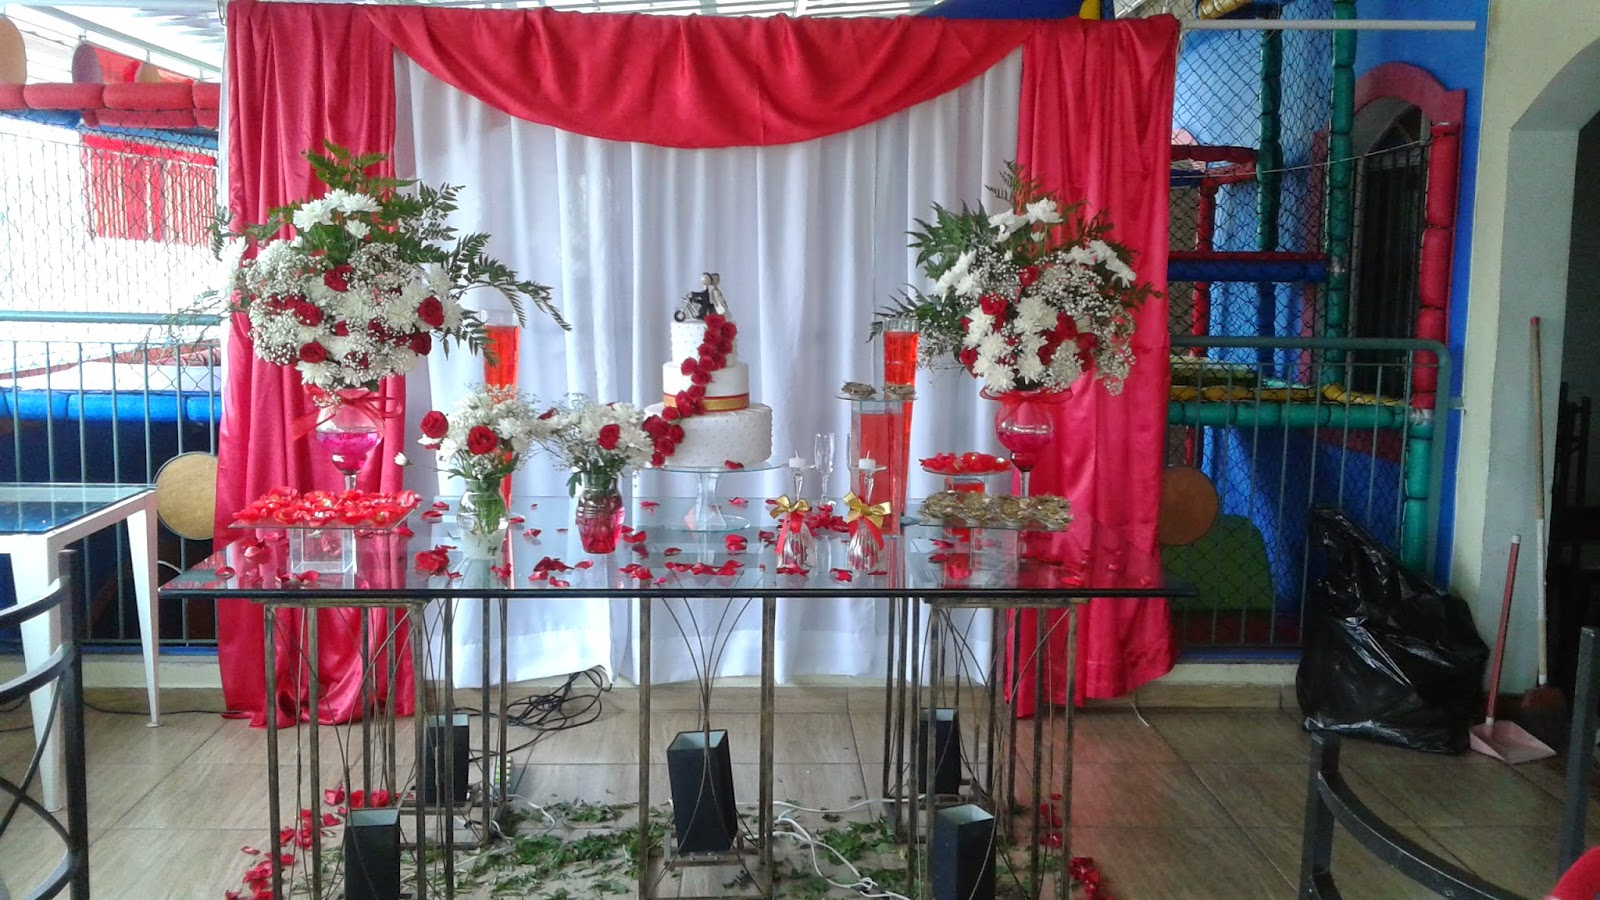 da Festa Nefesh DECORAÇÃO CASAMENTO VERMELHO E BRANCO PATRICIA